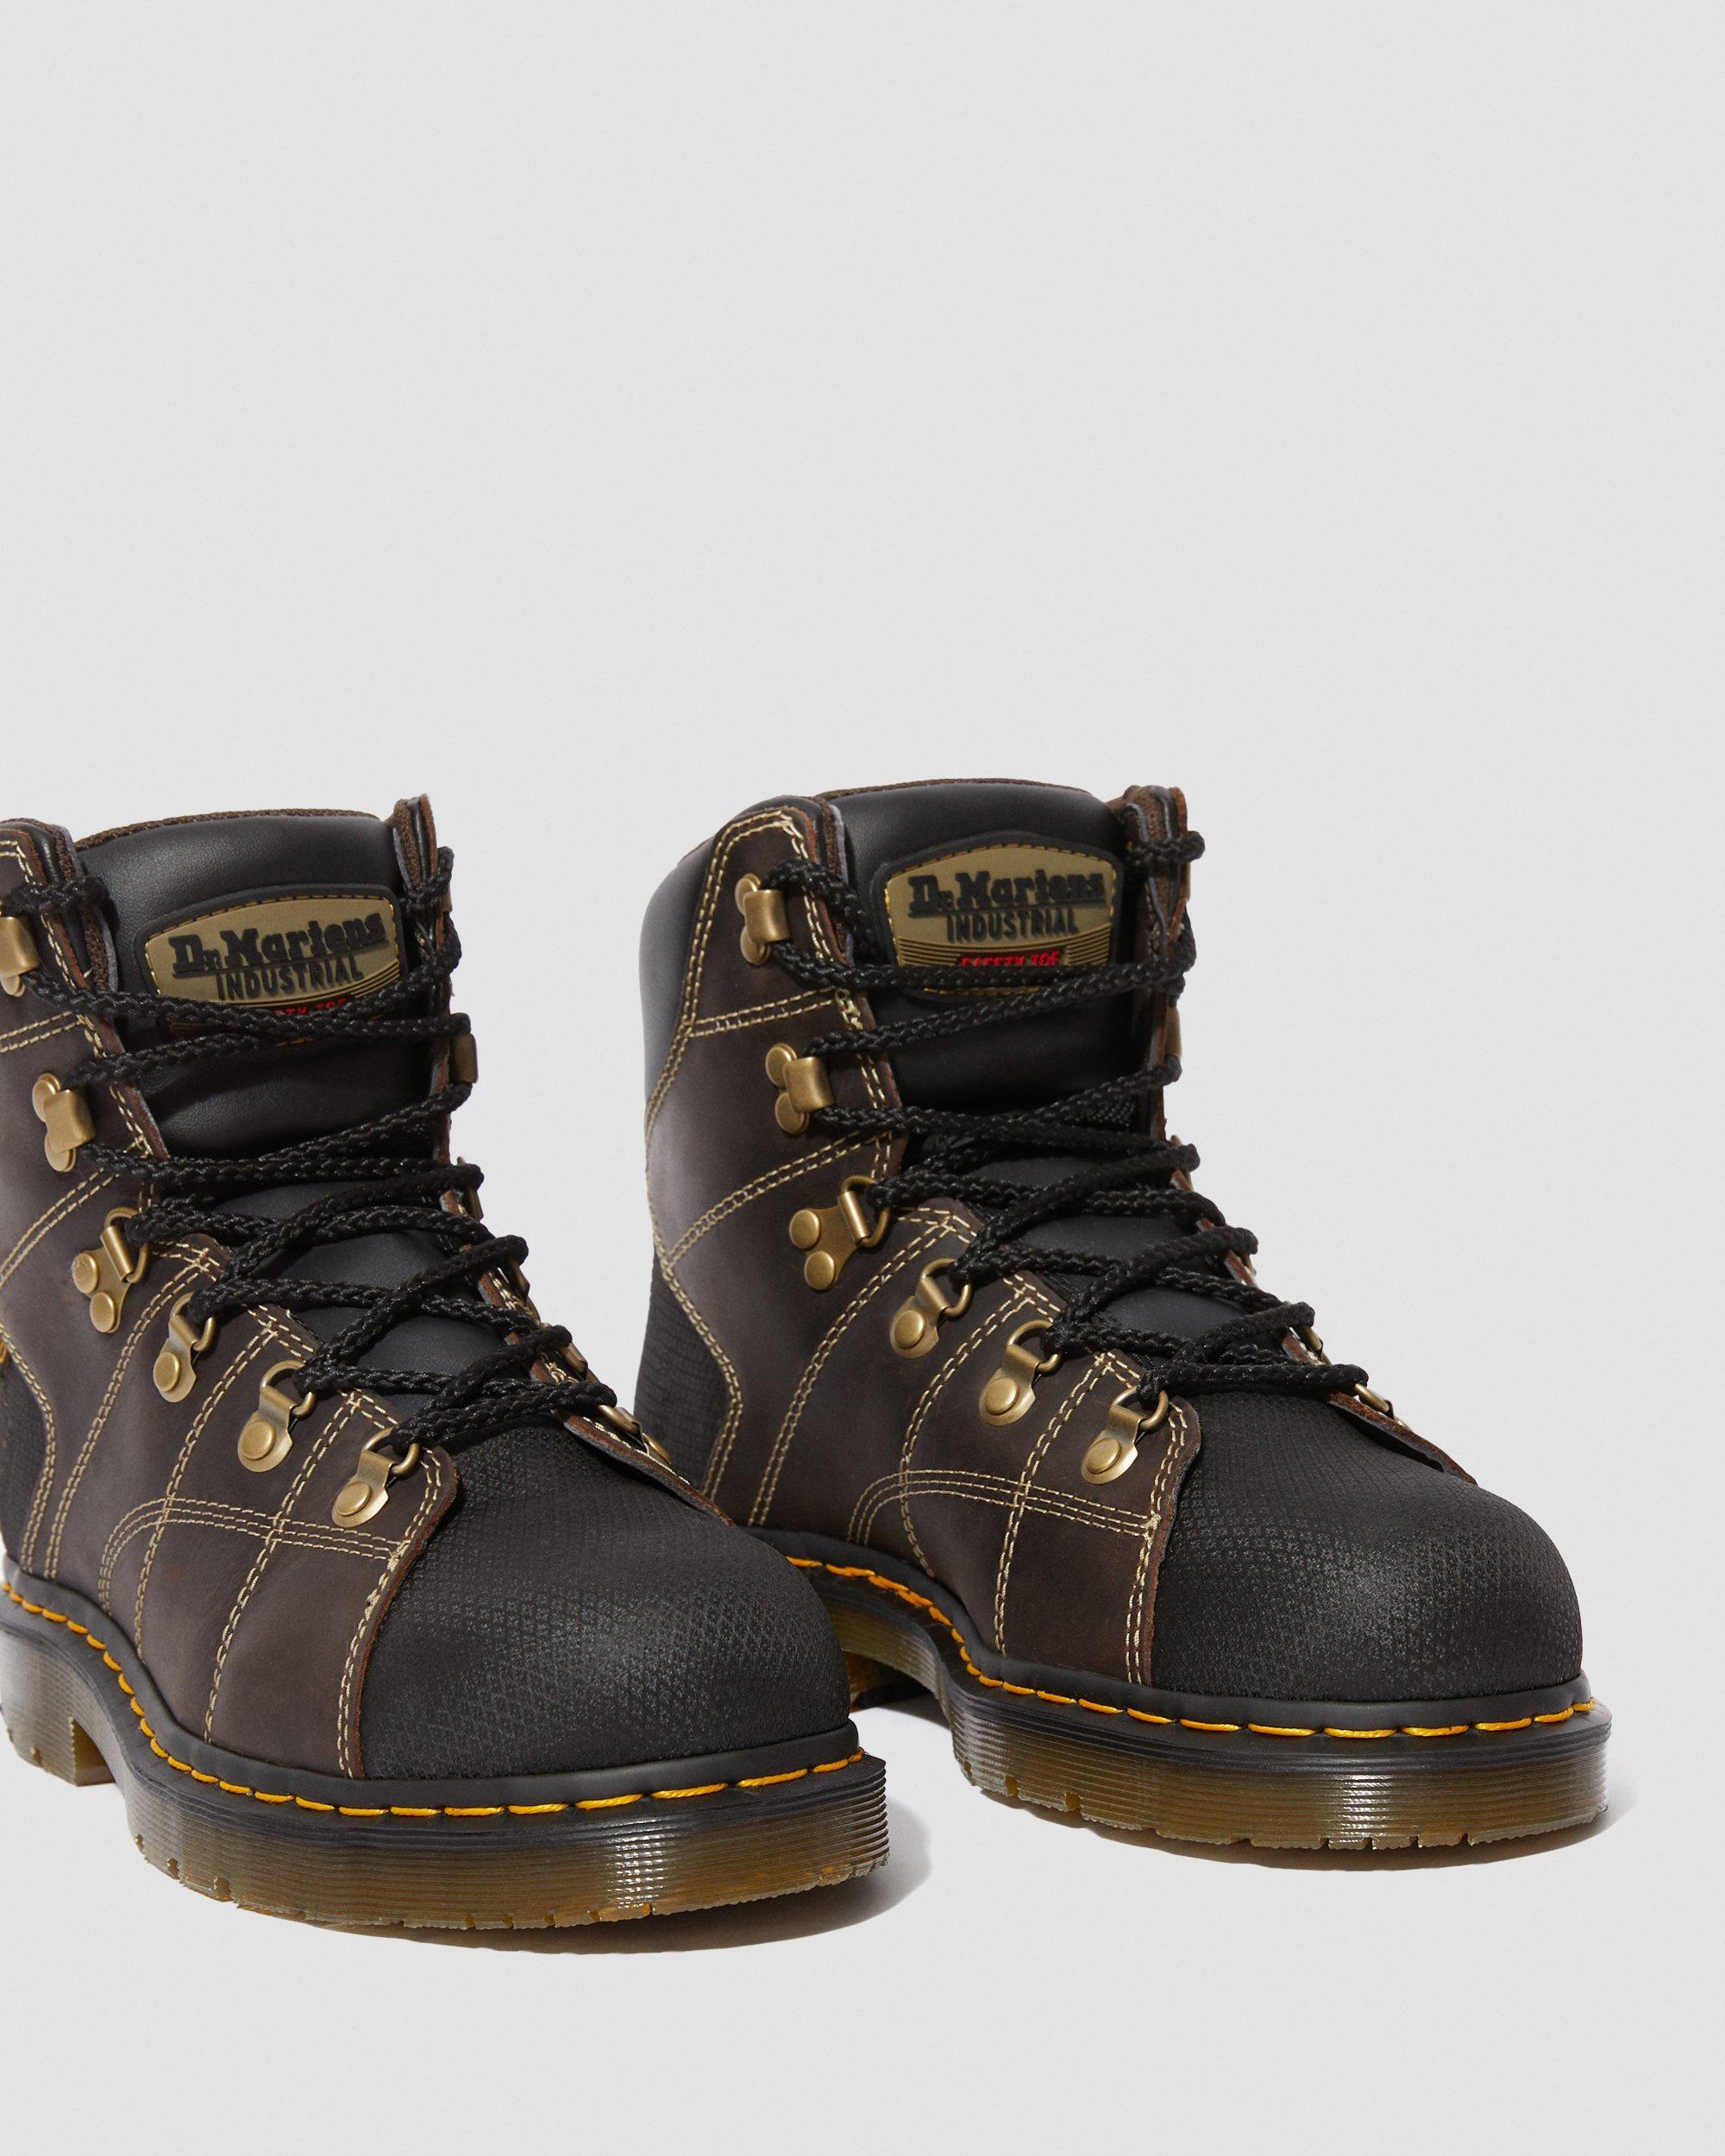 doc marten industrial steel toe boots